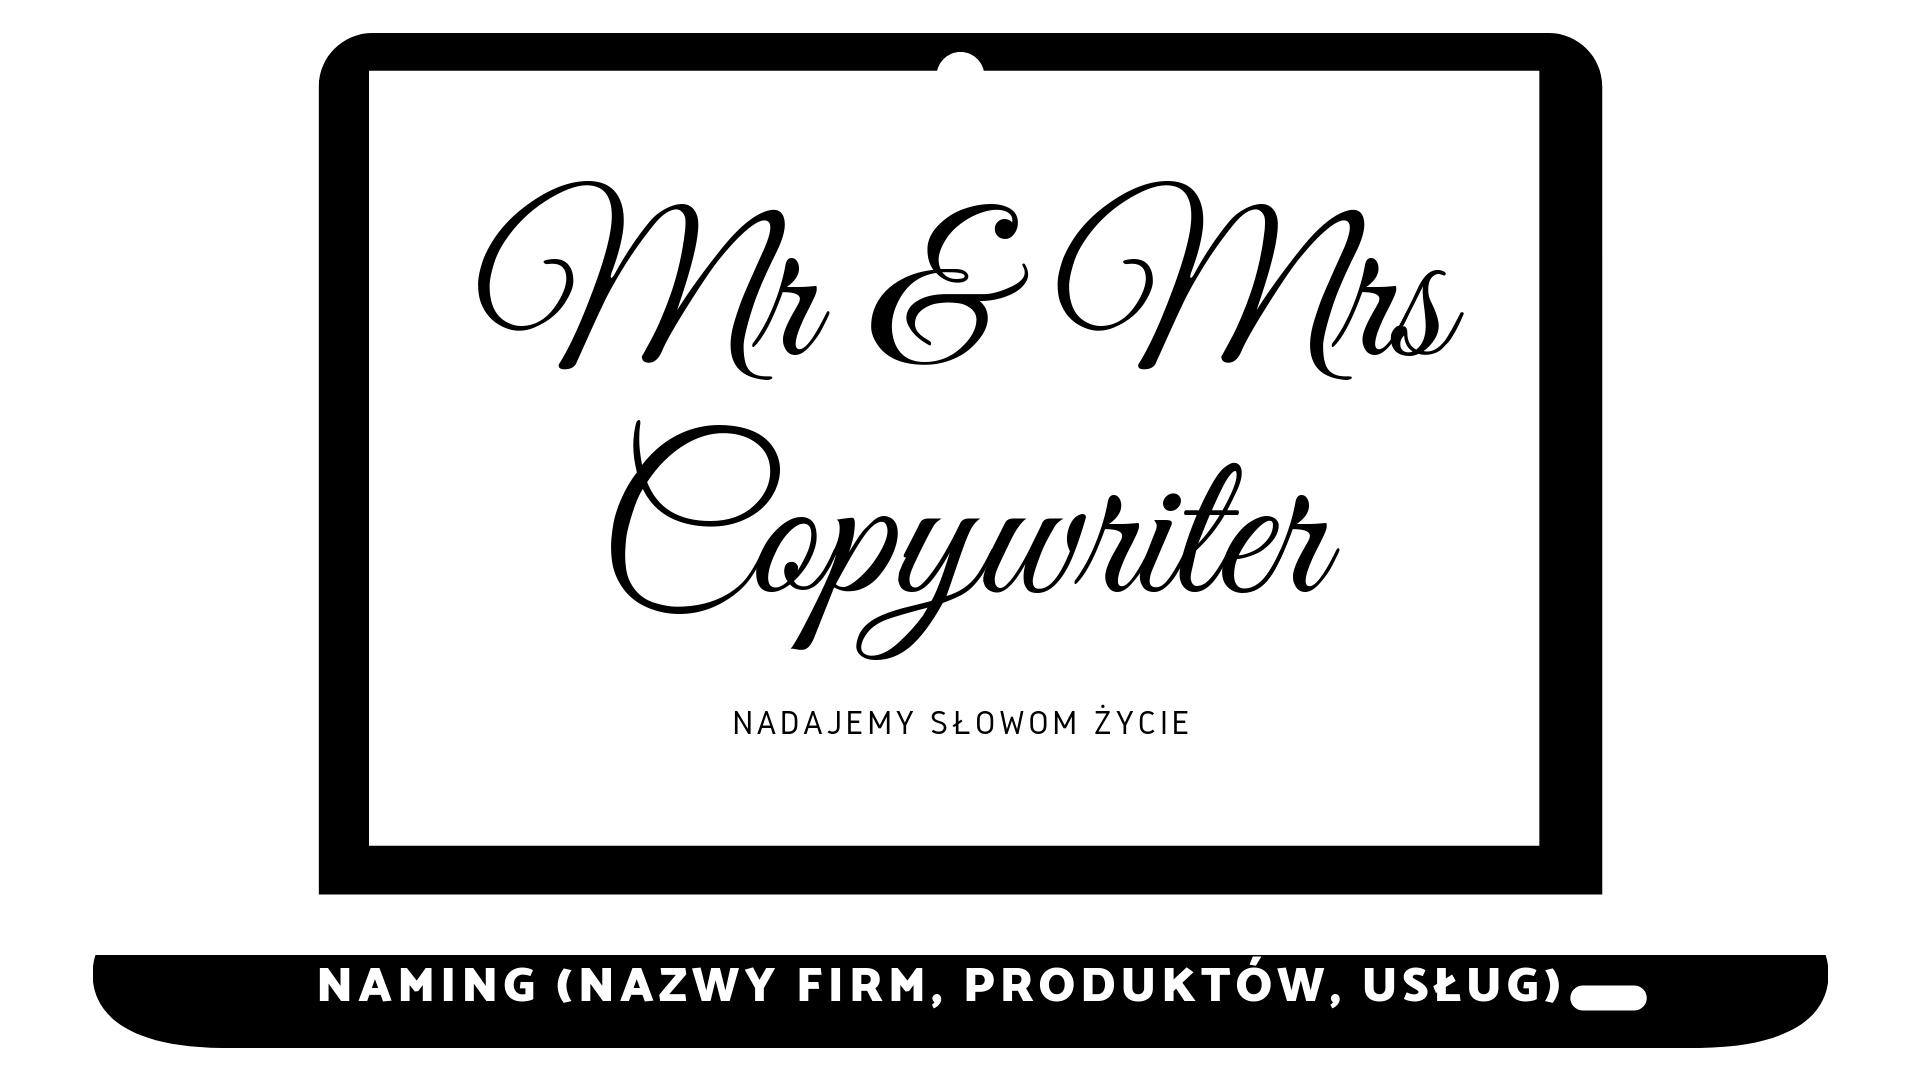 Naming - nazwy firm, produktów, usług - Copywriter